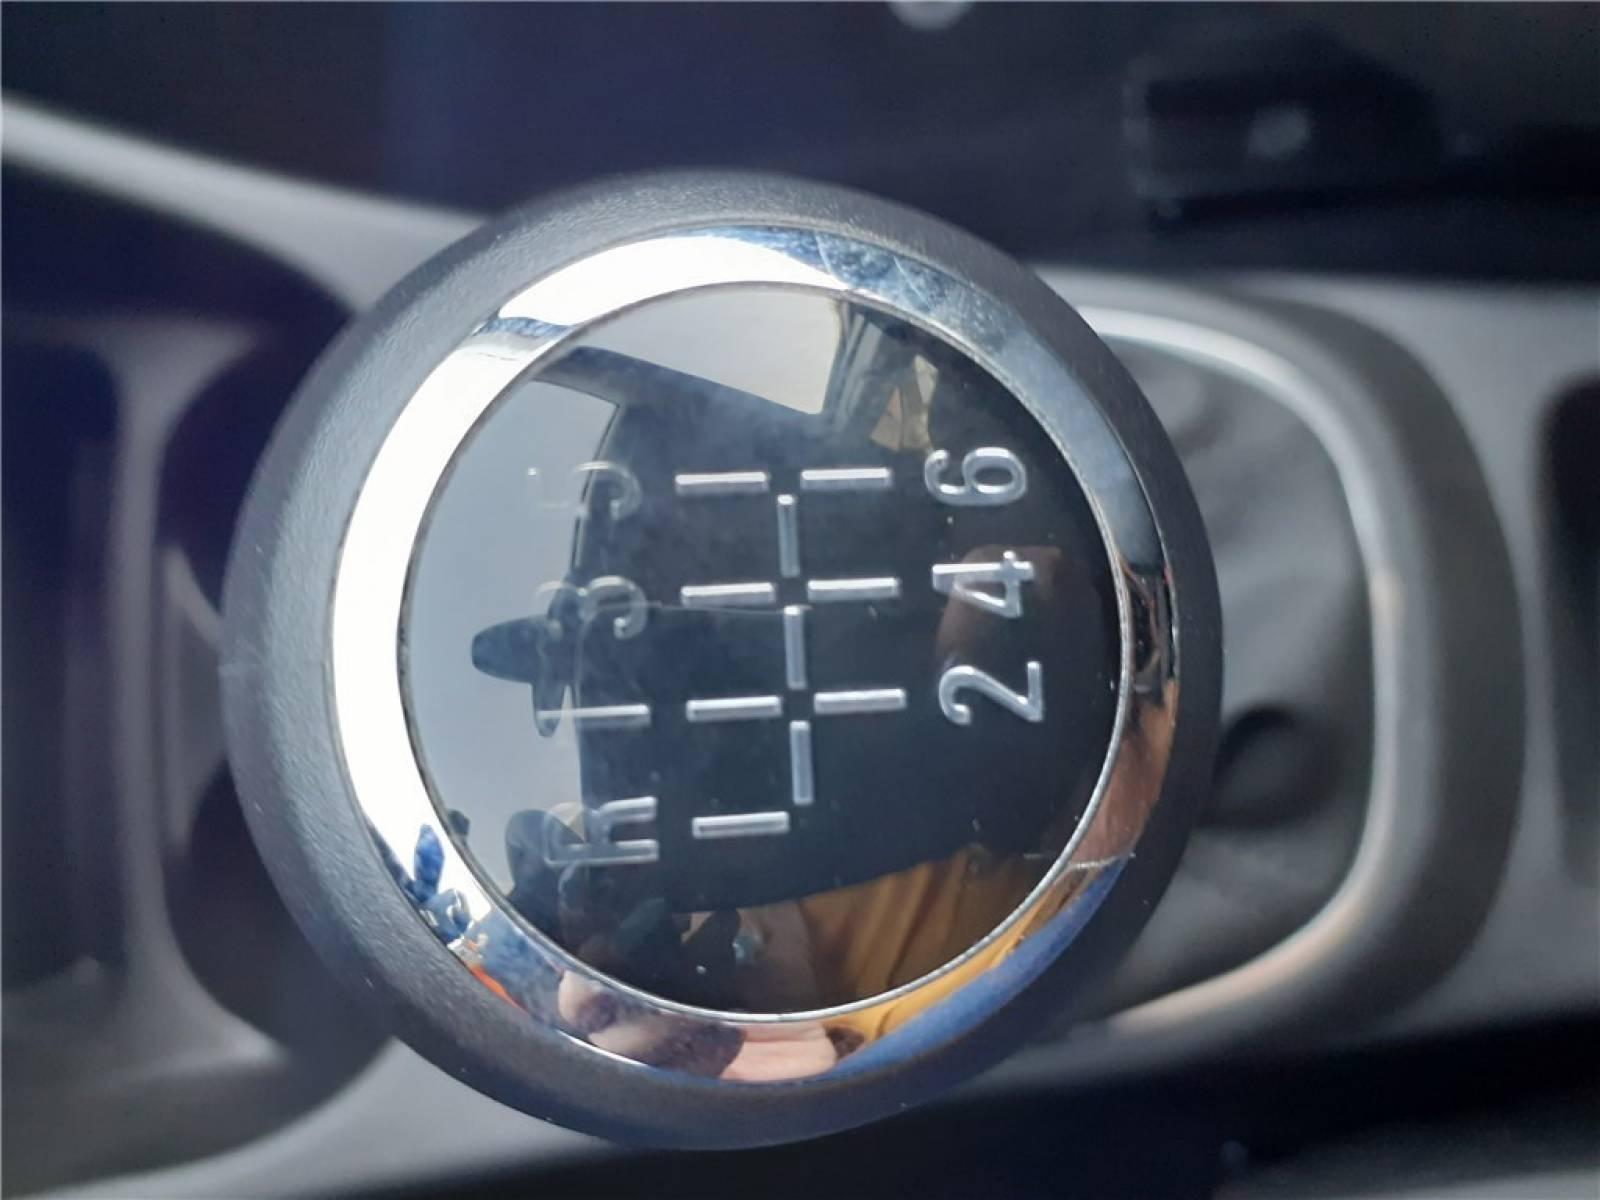 OPEL Corsa 1.0 Ecotec Turbo 90 ch - véhicule d'occasion - Groupe Guillet - Opel Magicauto - Chalon-sur-Saône - 71380 - Saint-Marcel - 45